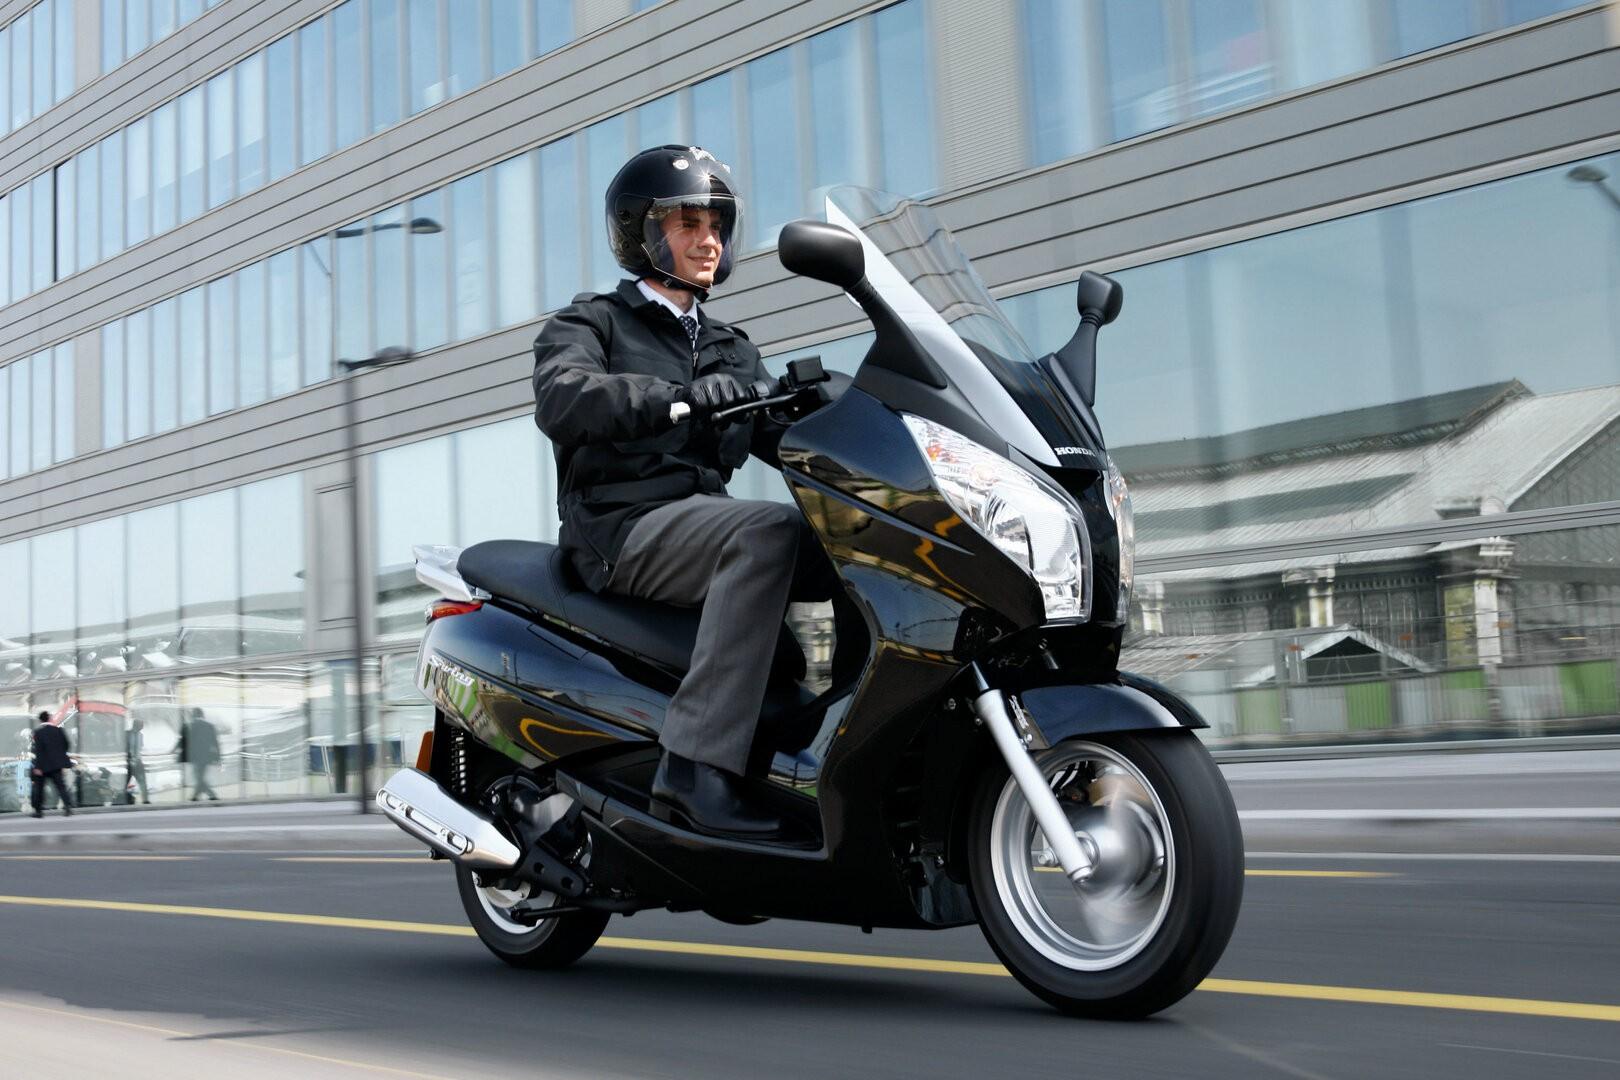 Moto del día: Honda S-Wing 125